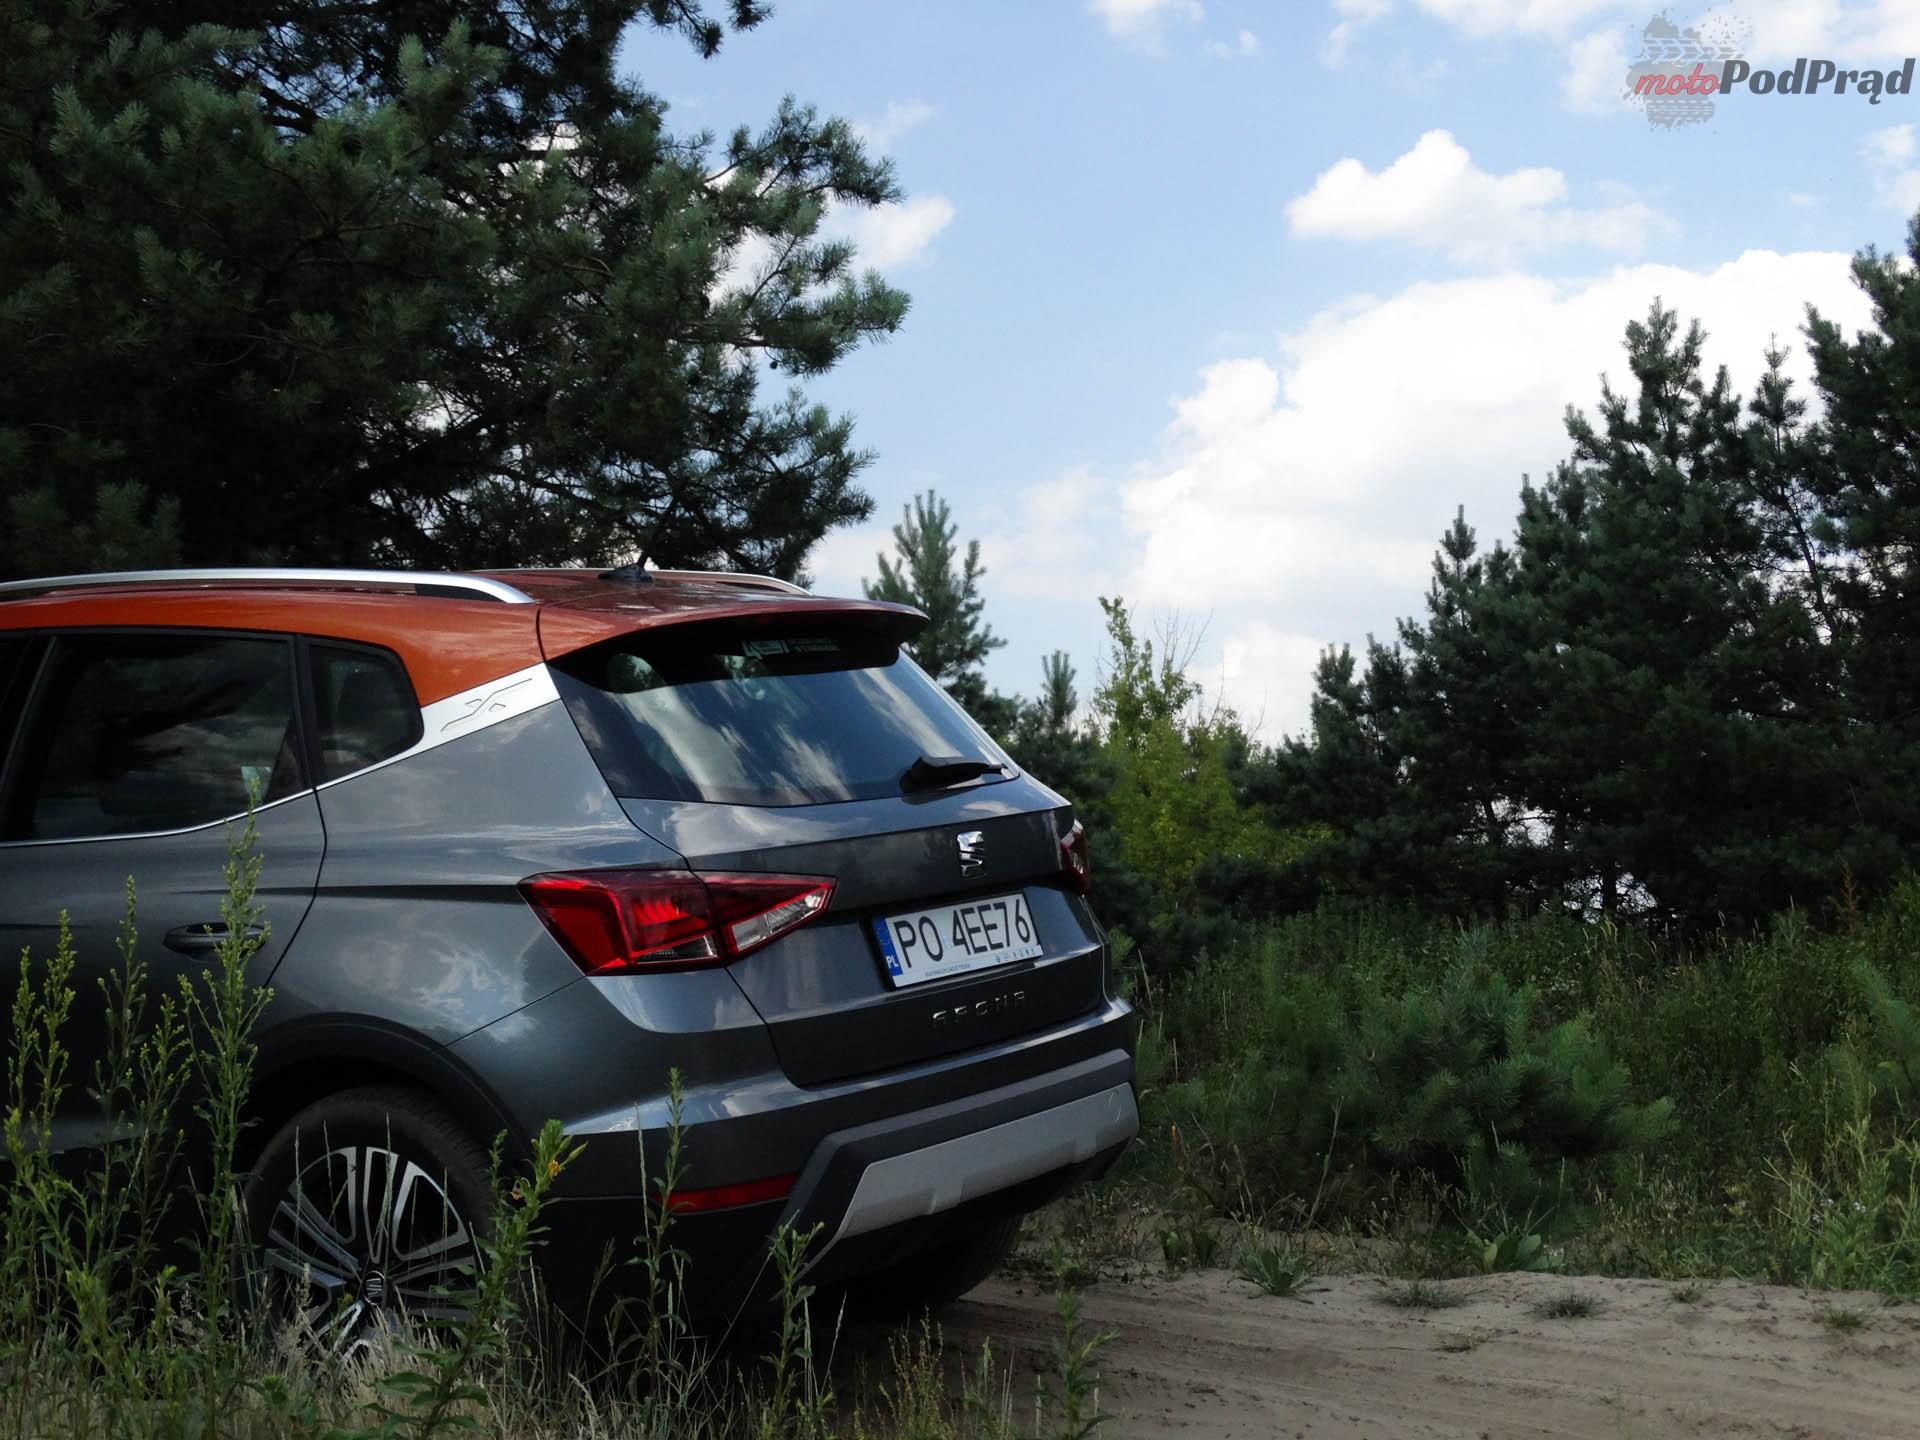 Seat Arona 6 Porównanie: Hyundai Kona 1.0 kontra Seat Arona 1.0